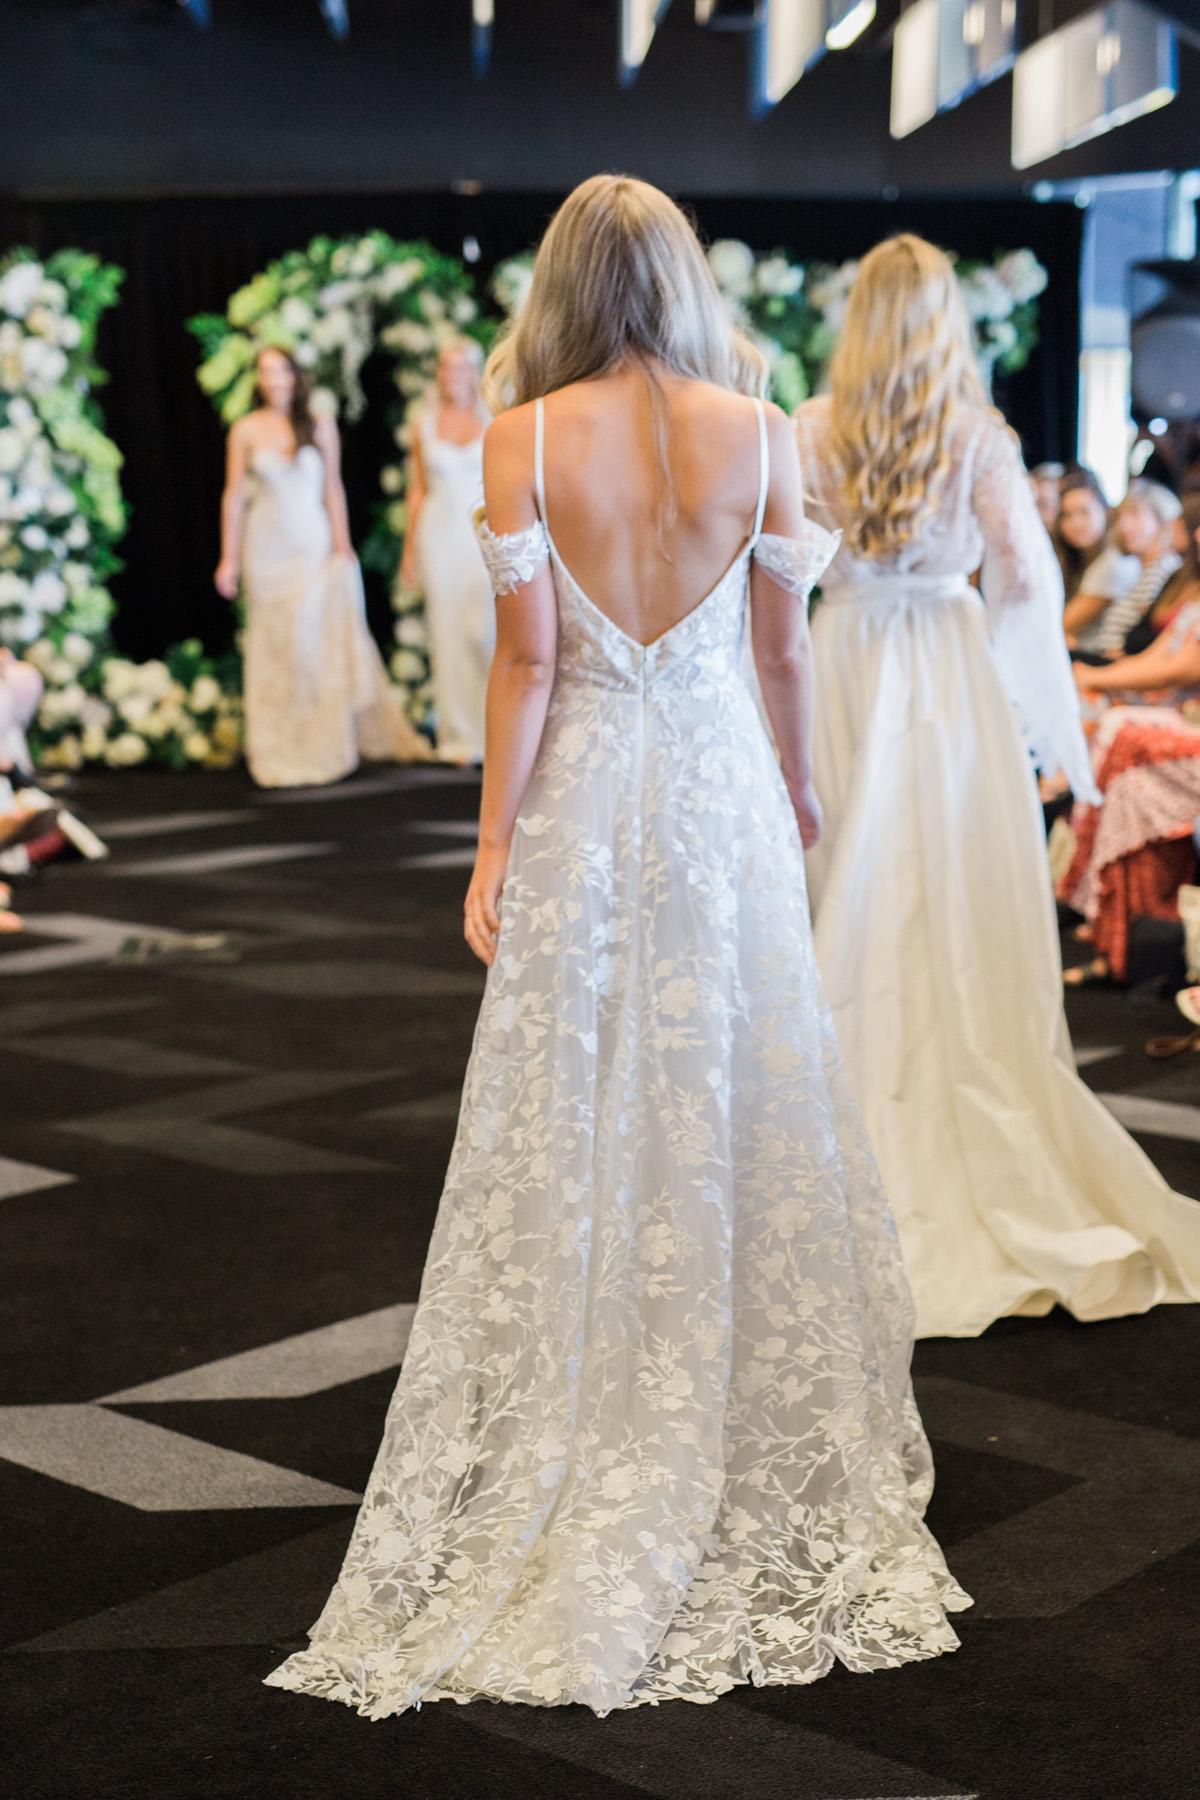 Love-Wedding-Festival-Sydney-Wedding-Gown-Angela-Osagie-33.jpg